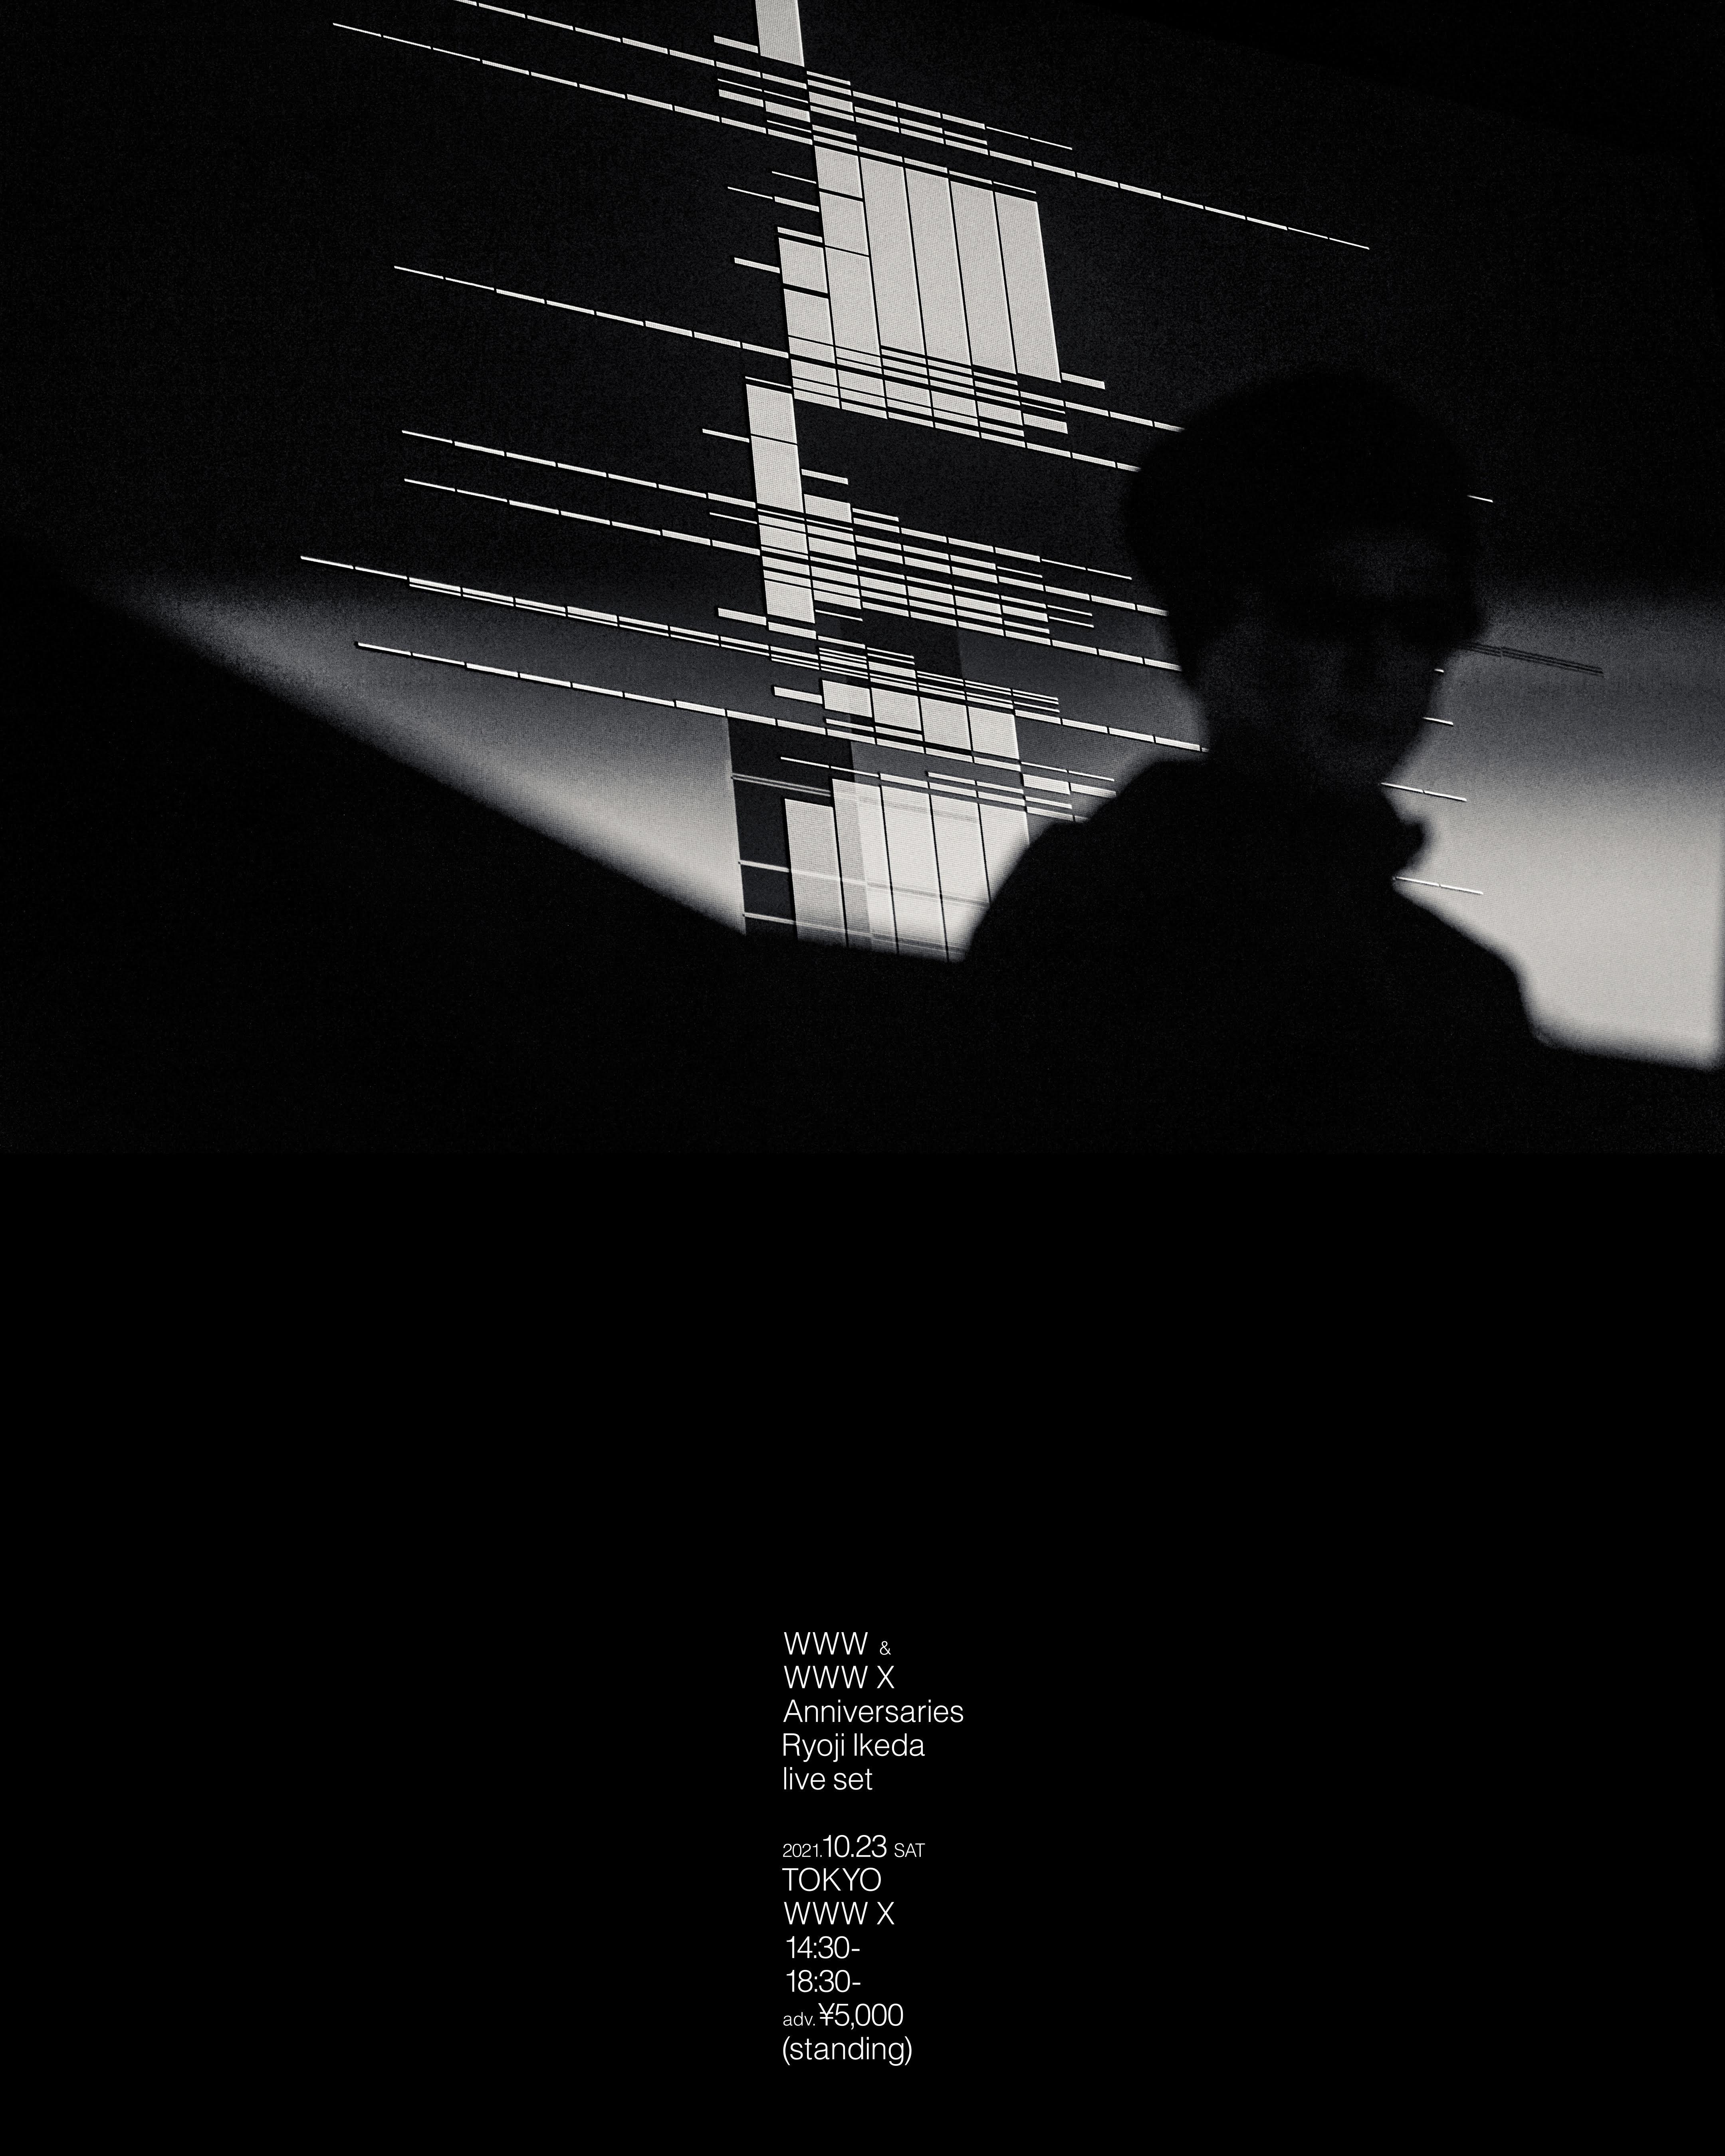 池田亮司 / Ryoji Ikeda